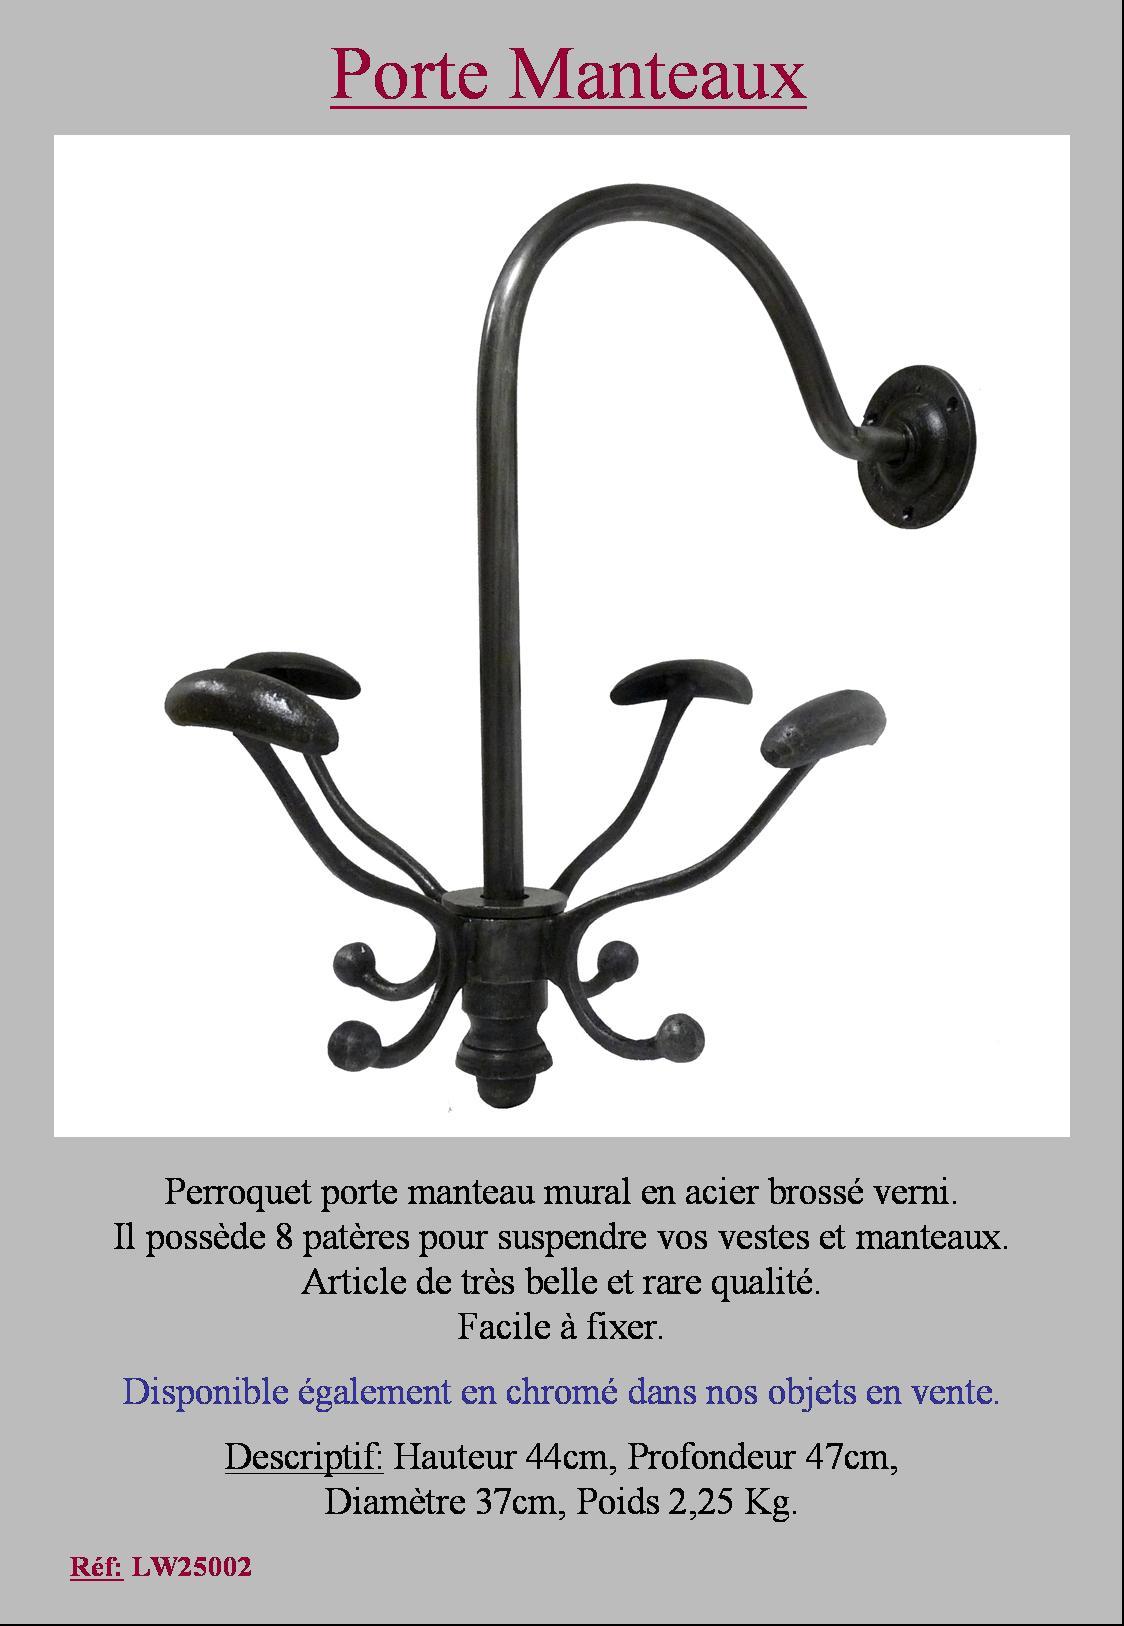 meilleur de ebay porte manteau perroquet l 39 id e d 39 un porte manteau. Black Bedroom Furniture Sets. Home Design Ideas